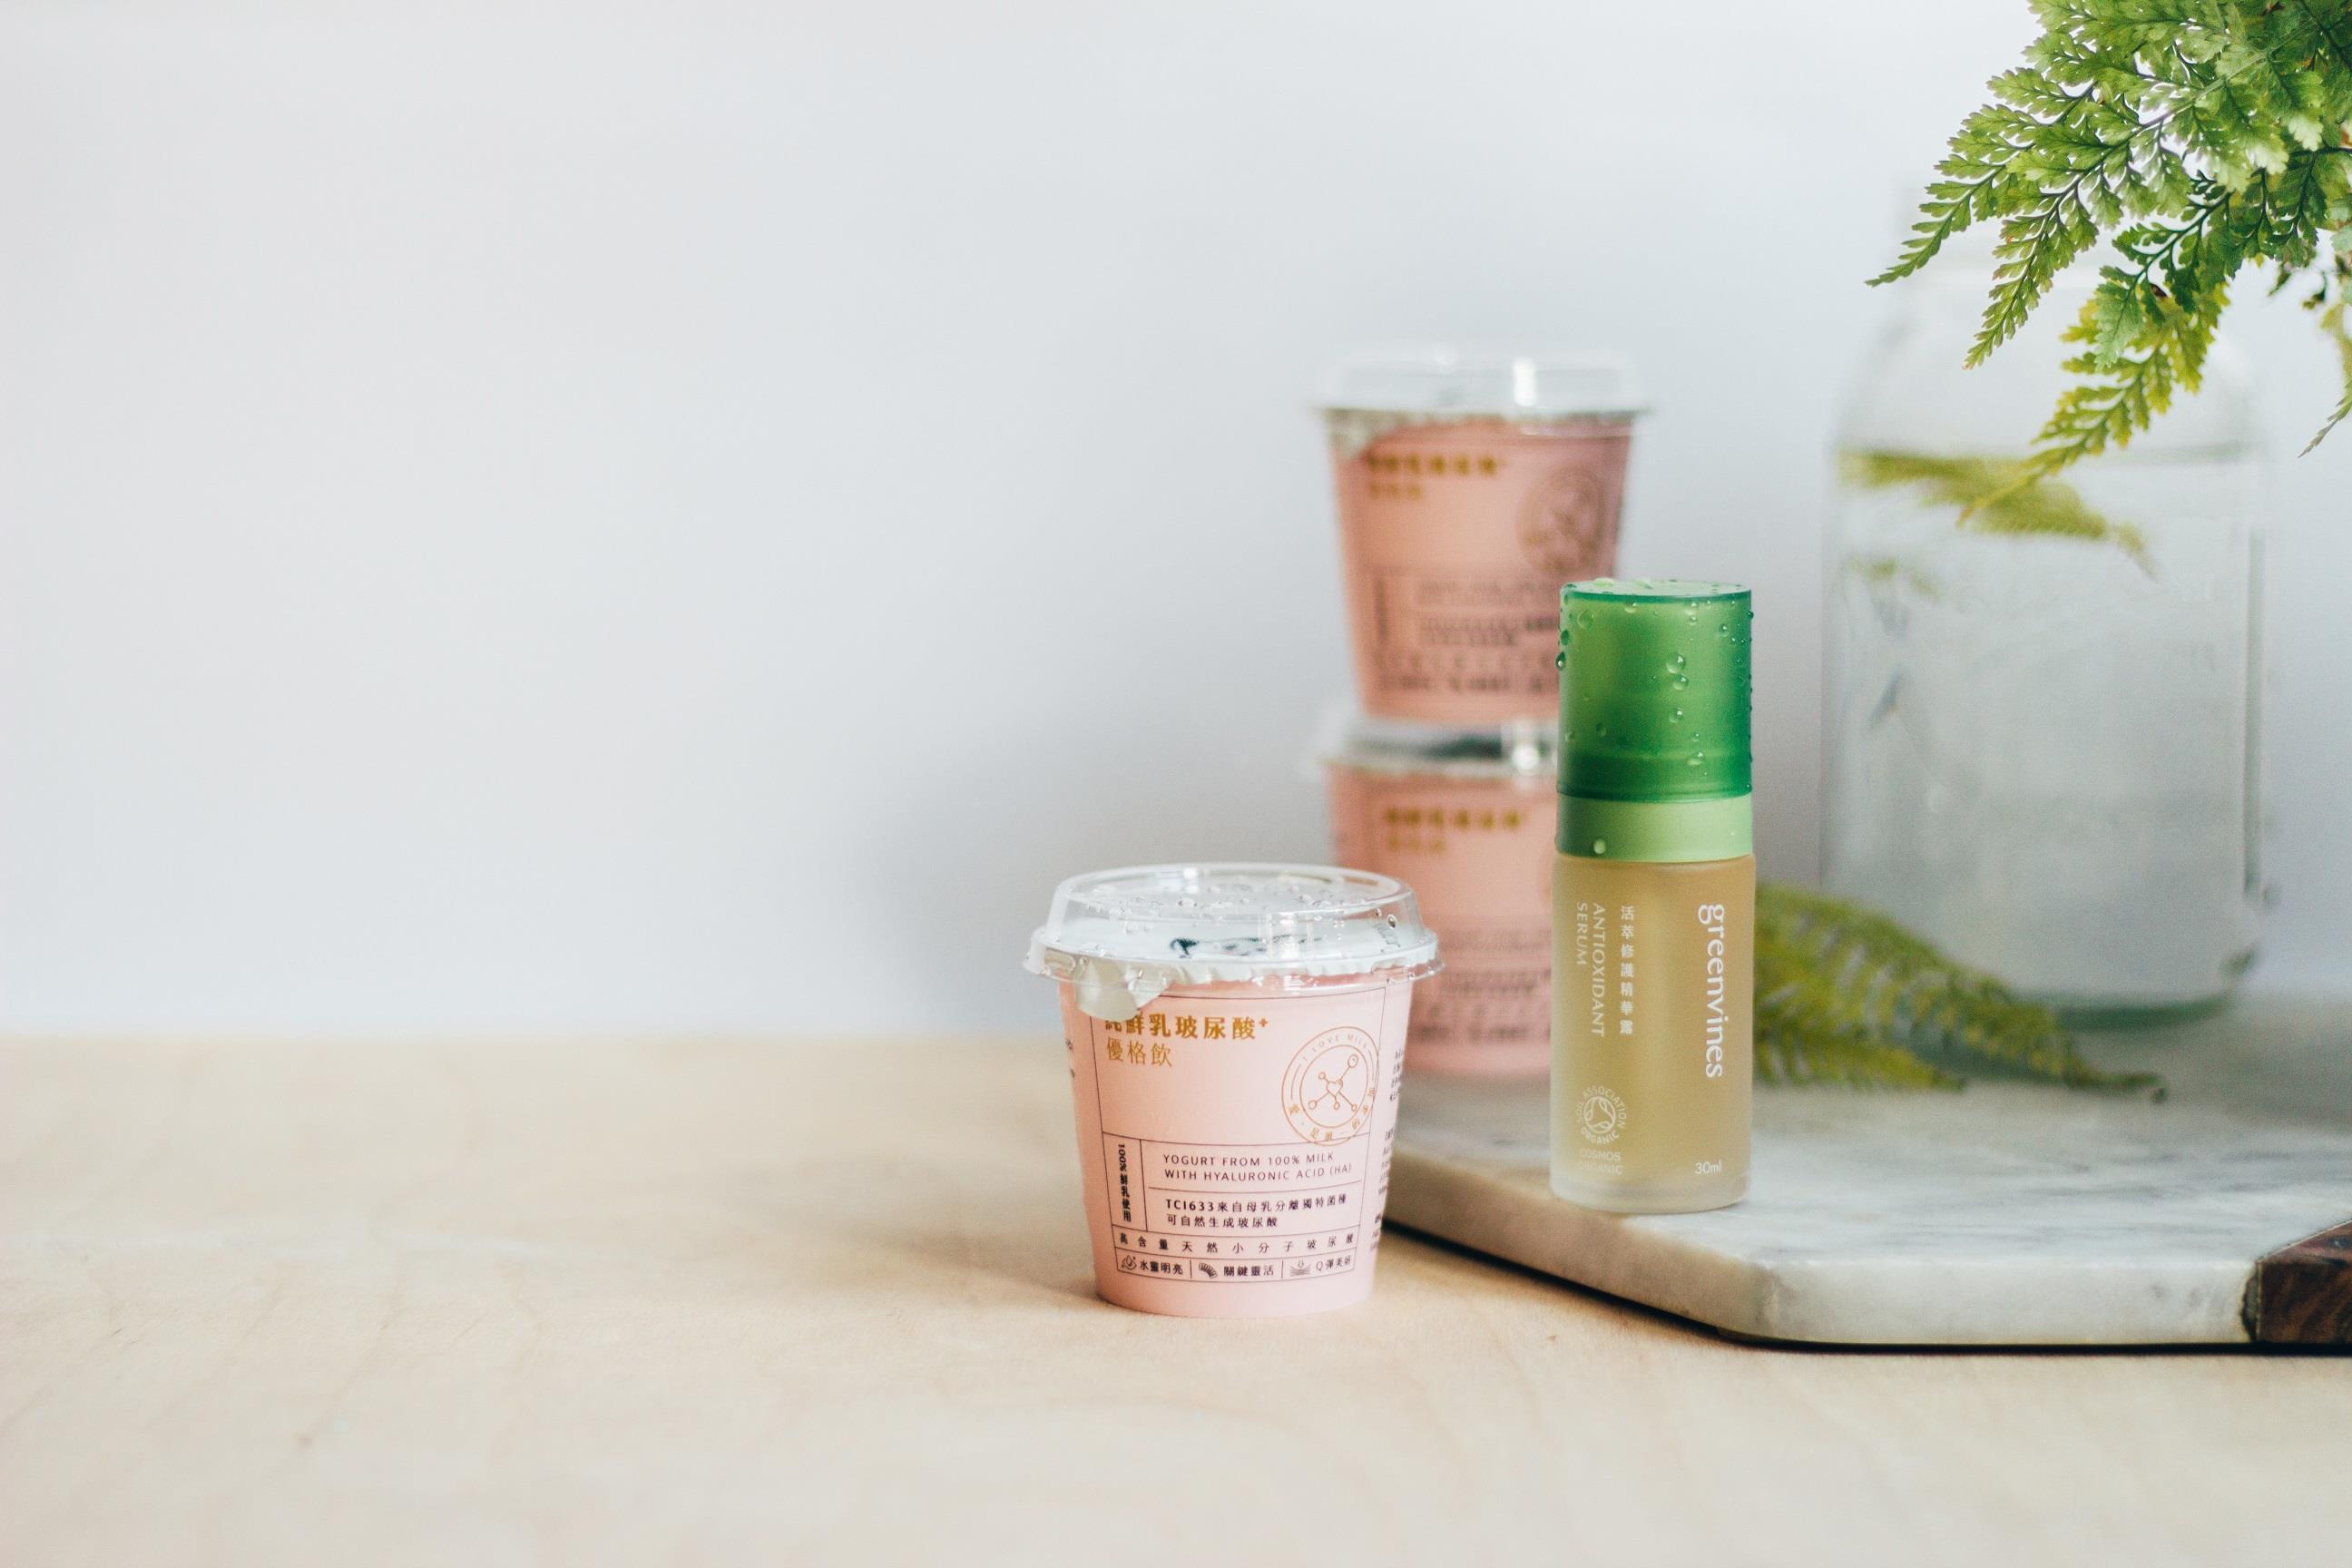 綠藤生機 × 鮮乳坊跨界合作 推廣肌膚保養新觀念